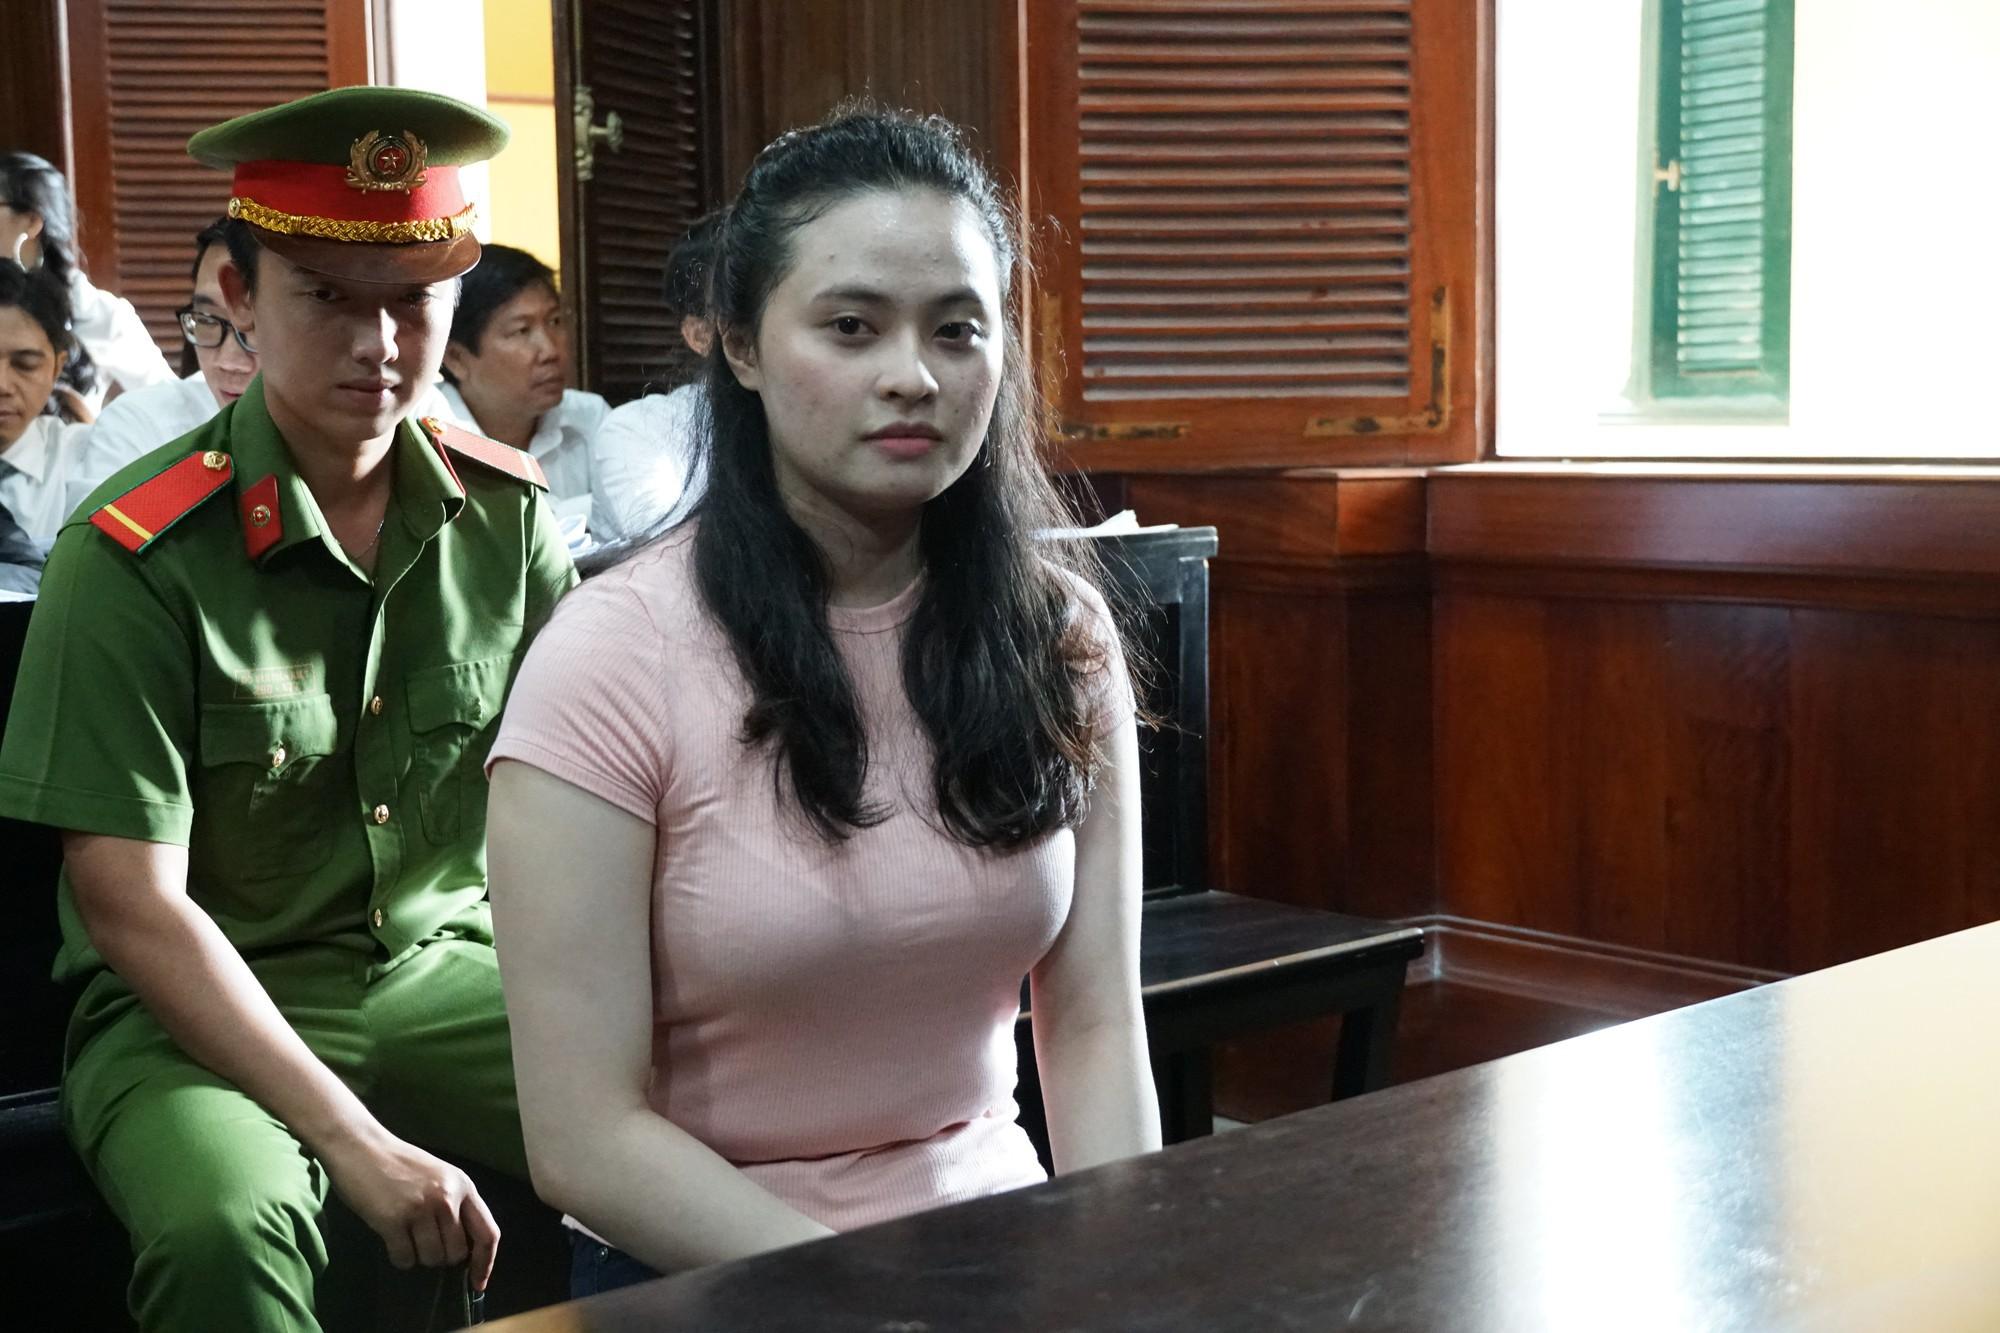 Nhan sắc một thời của hot girl Ngọc Miu đang hầu tòa cùng trùm ma túy Văn Kính Dương - Ảnh 2.